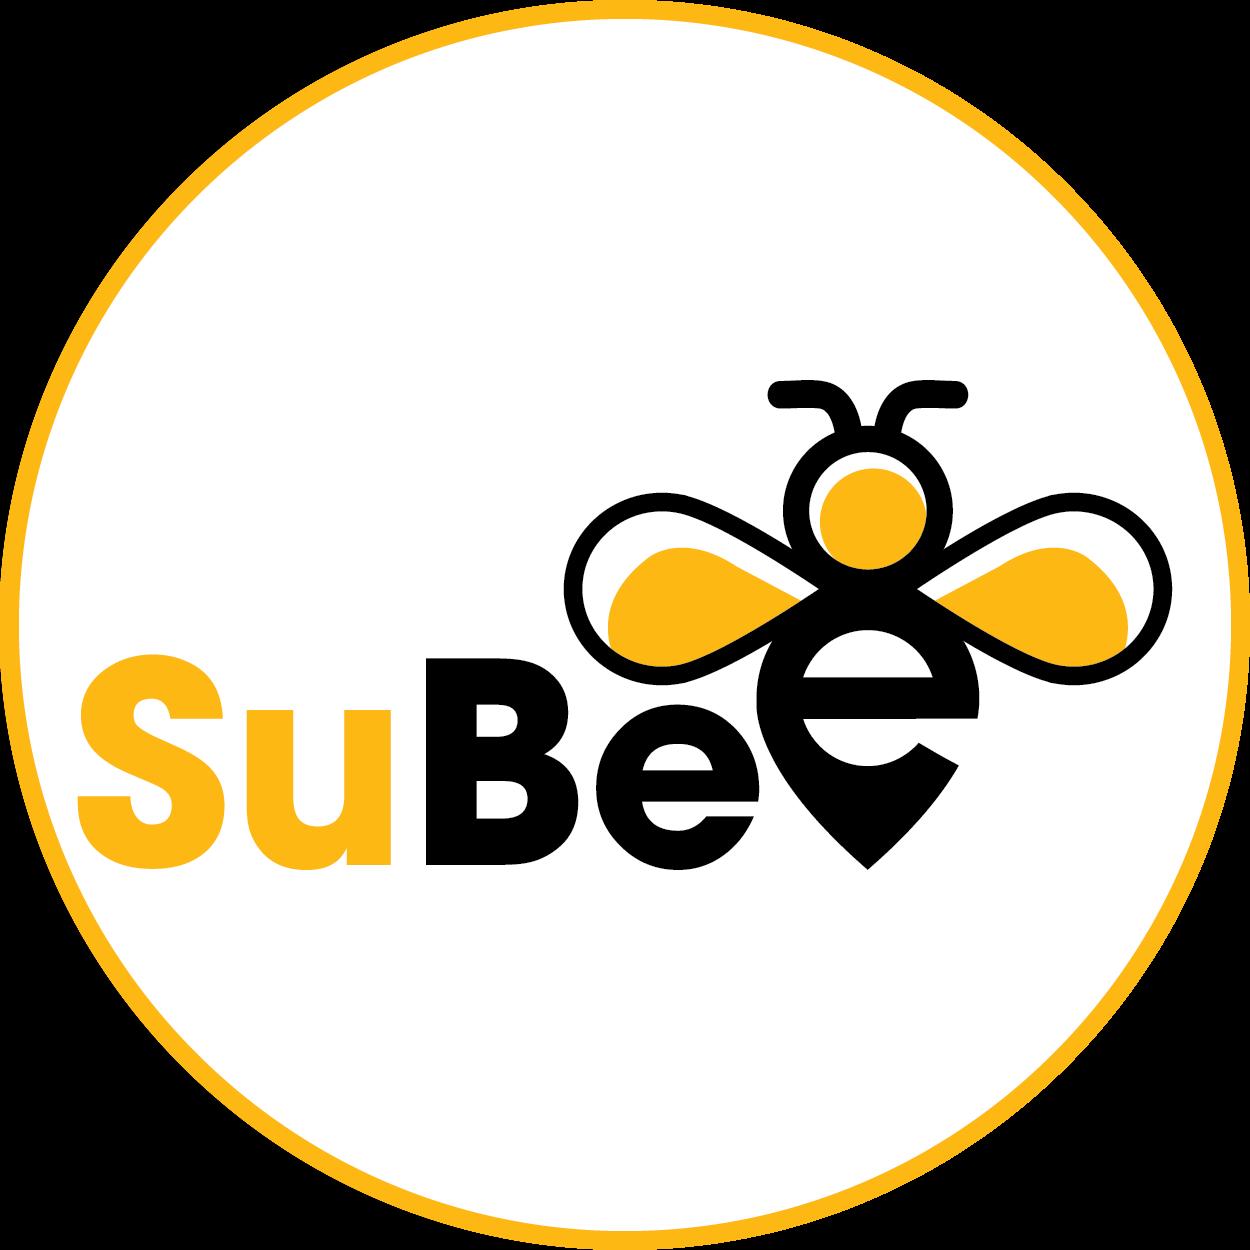 subee